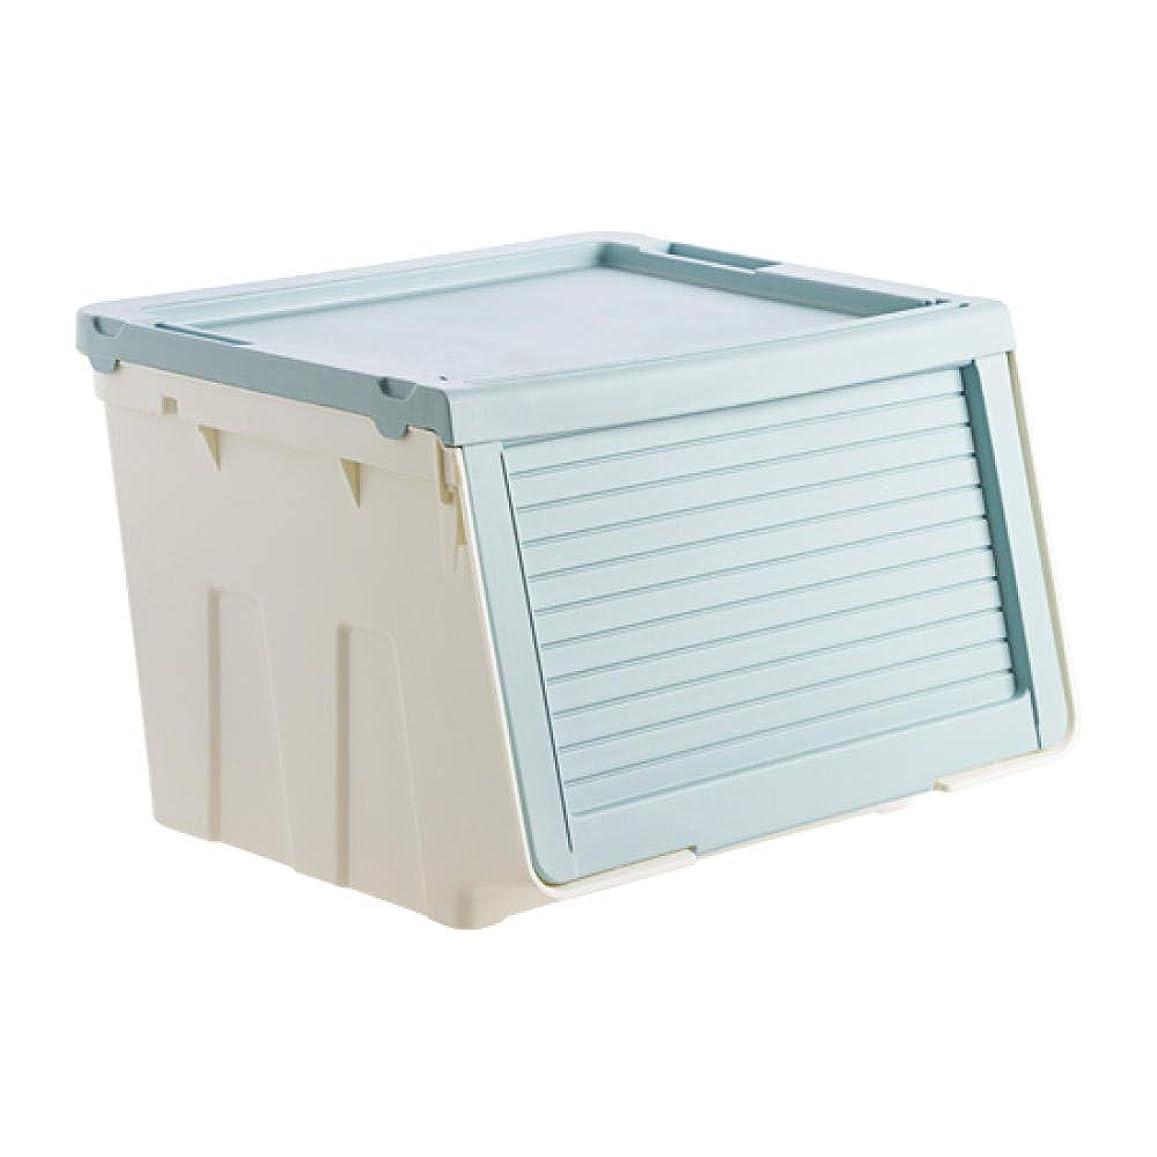 警戒アクティブ高く特大服収納ボックスプラスチック収納ボックス斜めフリップ服収納ボックスカバー付き収納ボックス特大水色